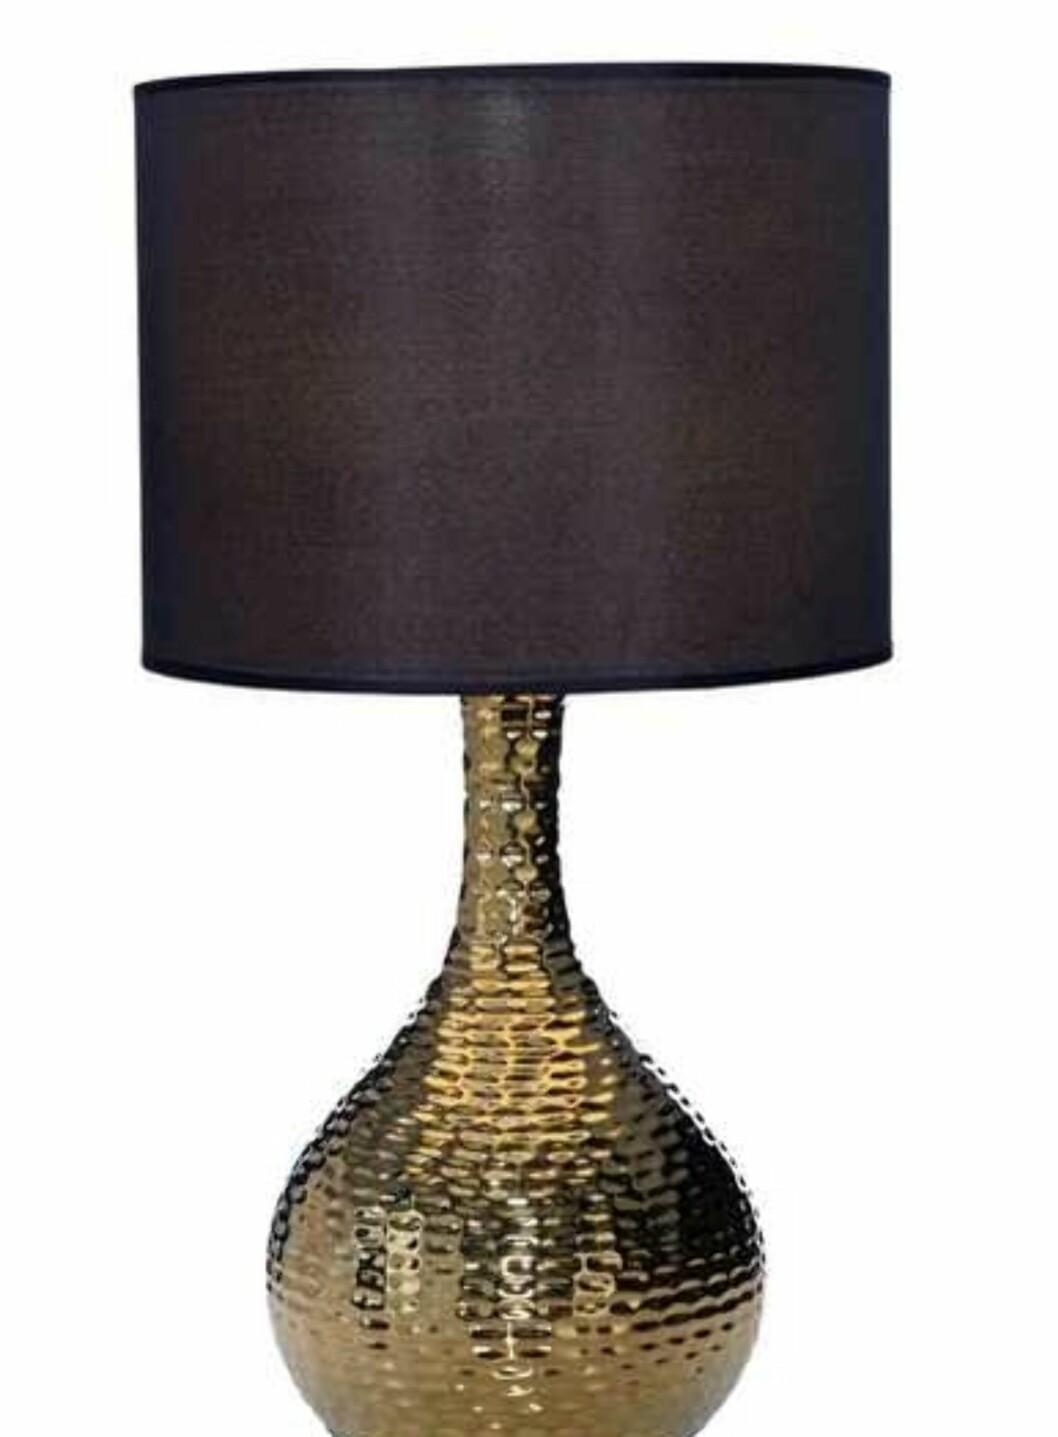 Bordlampe (H47cm) med fot av lakkert keramikk. Glatt tekstilskjerm. Kommer både i sølv og gull (kr 250, Ellos).